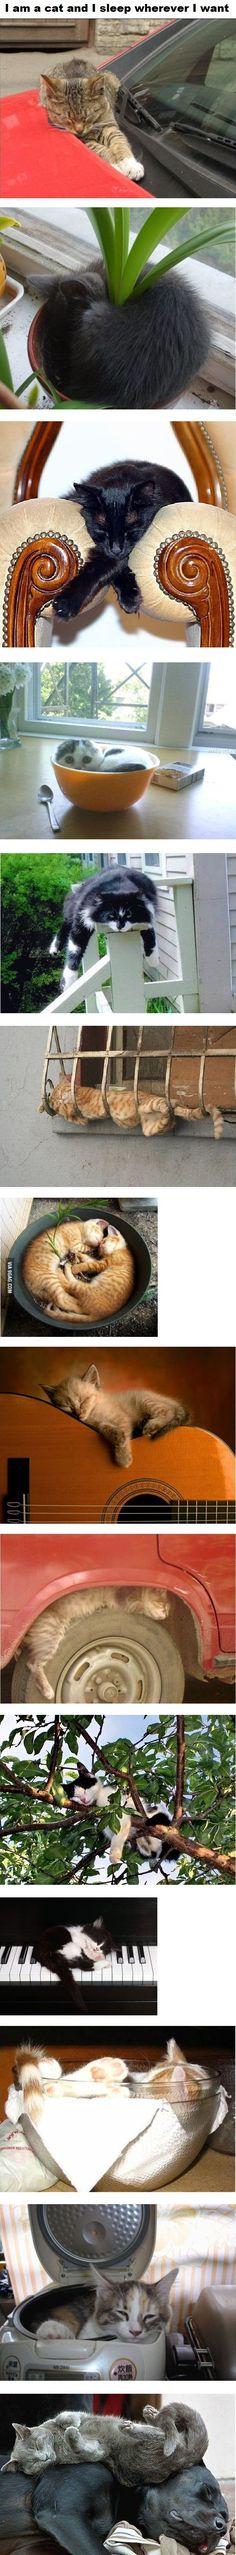 Eu sou um gato e eu posso dormir onde quer que eu quero